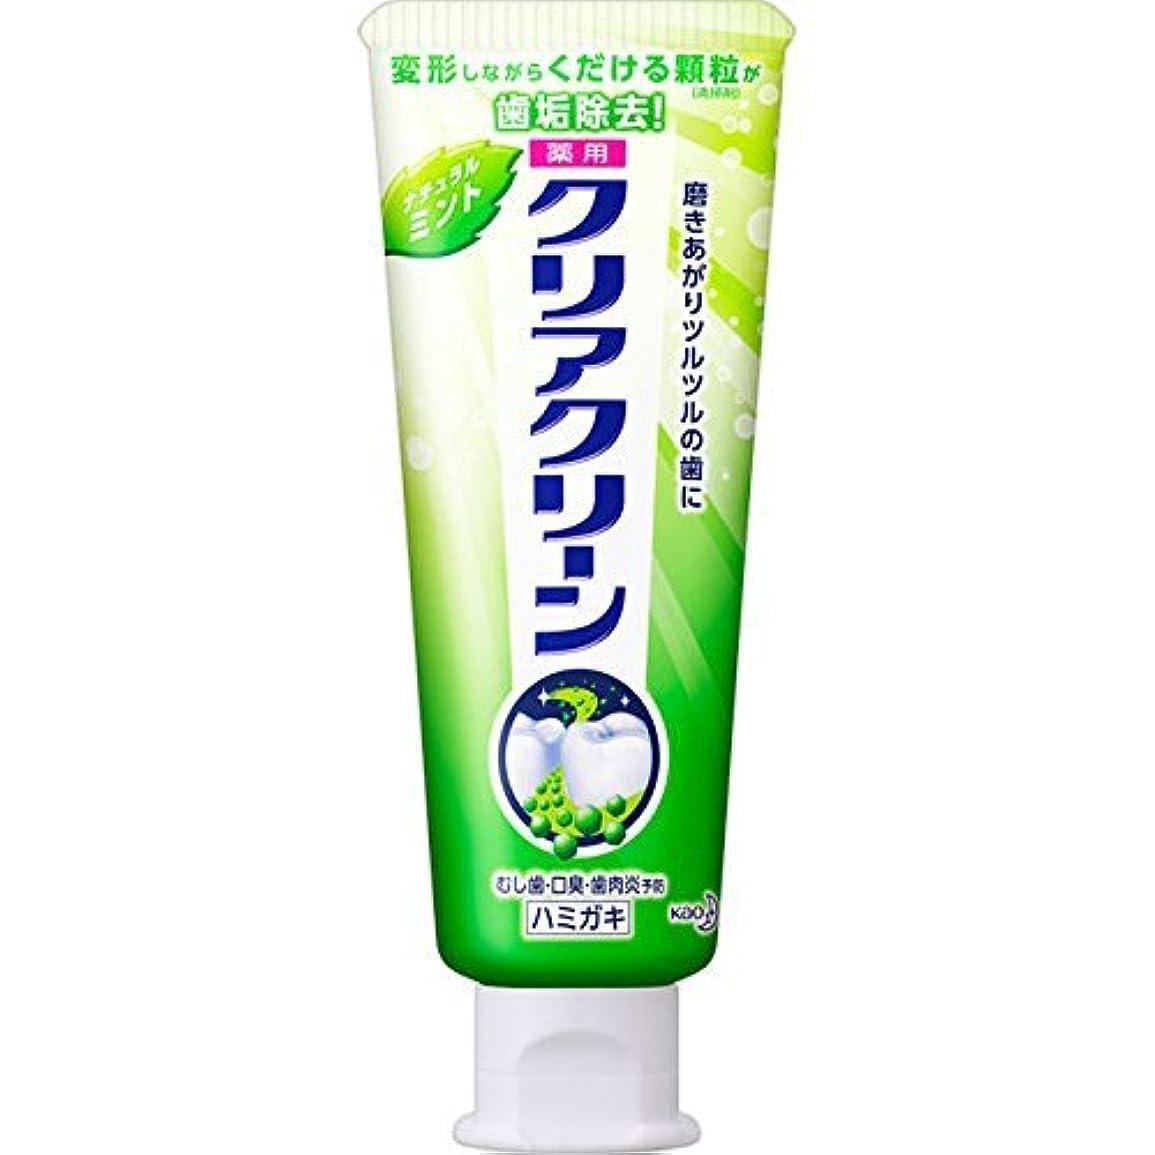 うめき動機付ける加入花王 クリアクリーンナチュラルミント小 80g (医薬部外品)